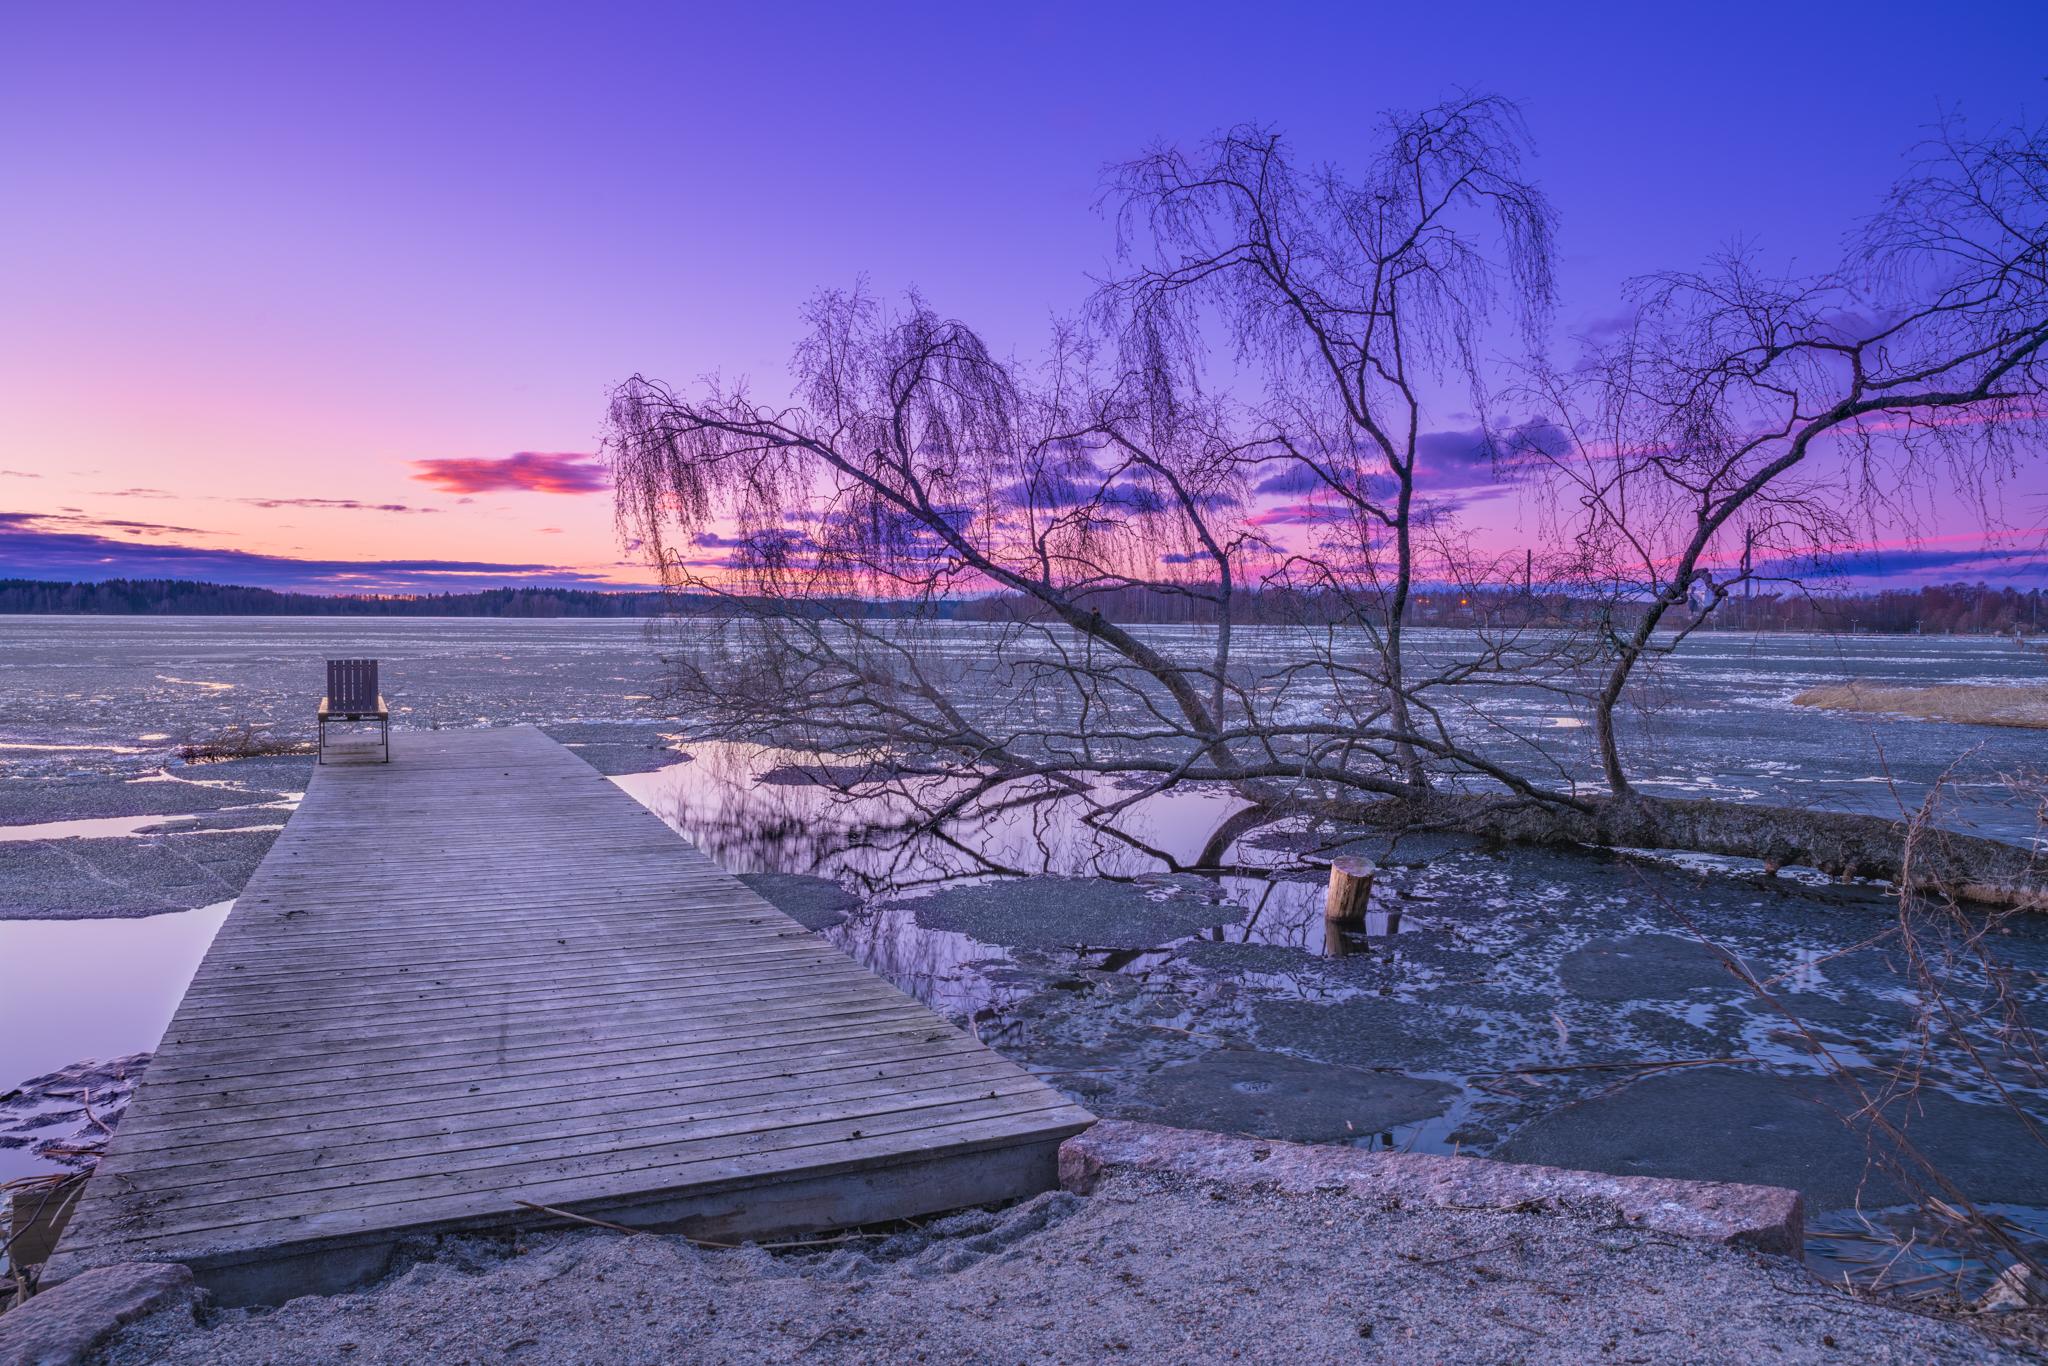 Jäiden lähtö Porlassa 21.4.2018 © Jani Salmela